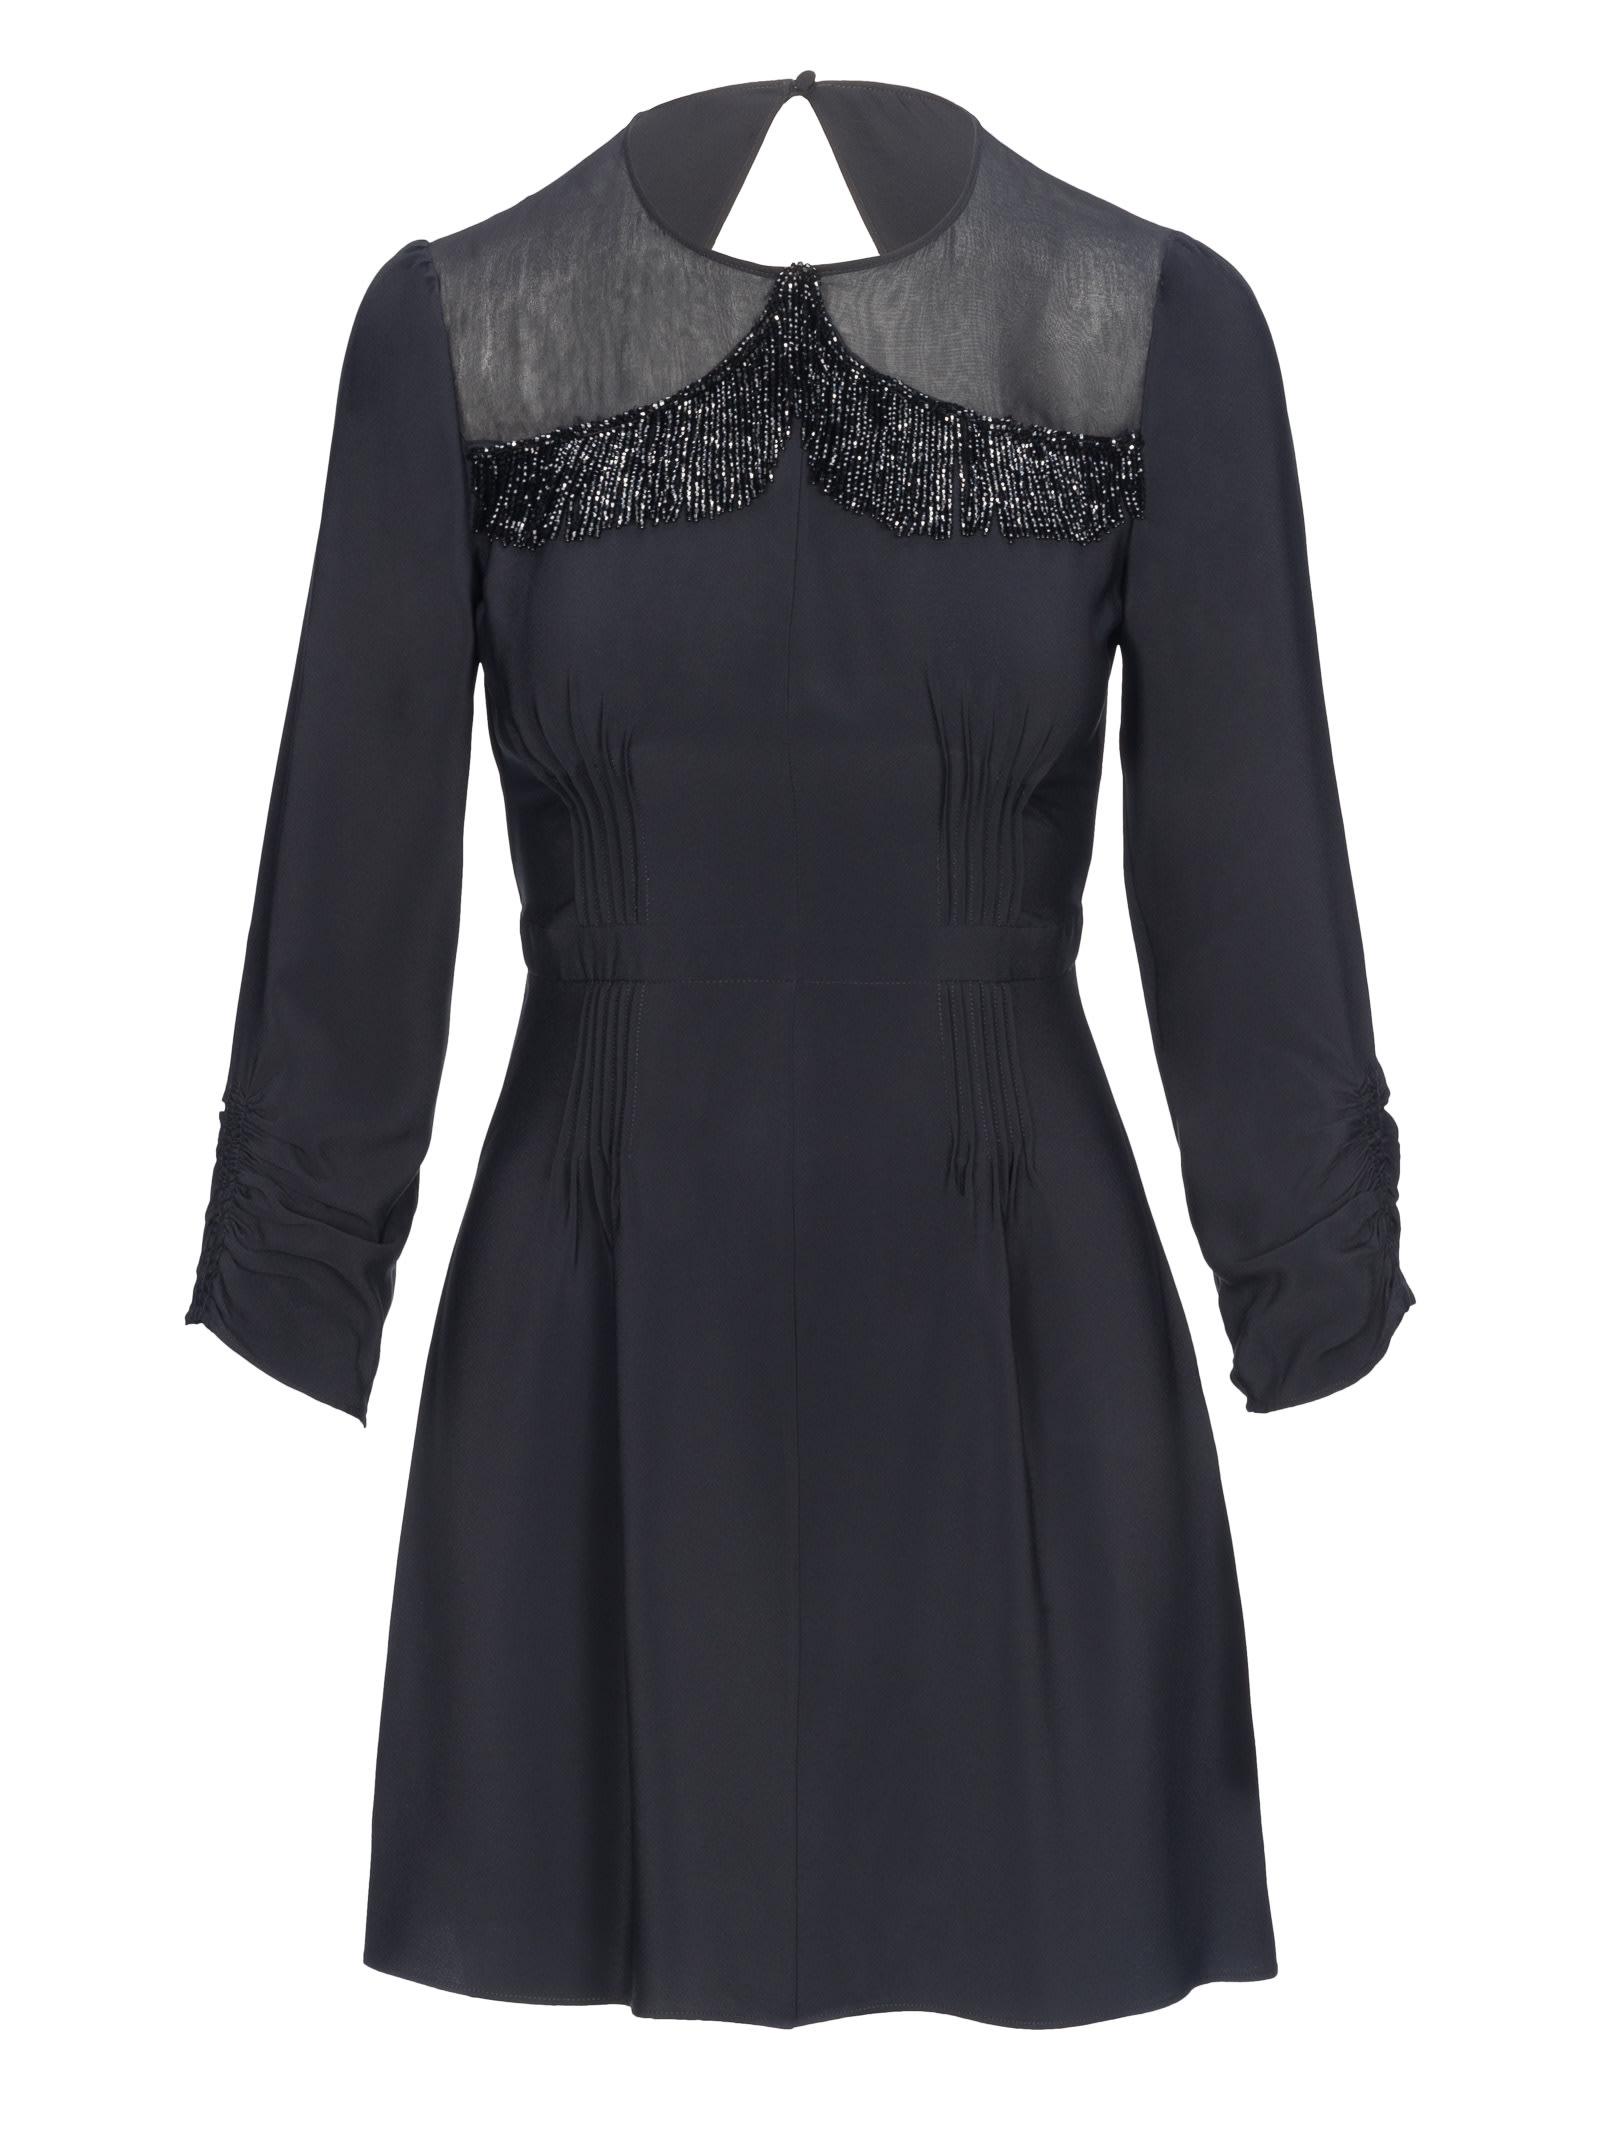 N21 Nº21 Embellished Mini Dress